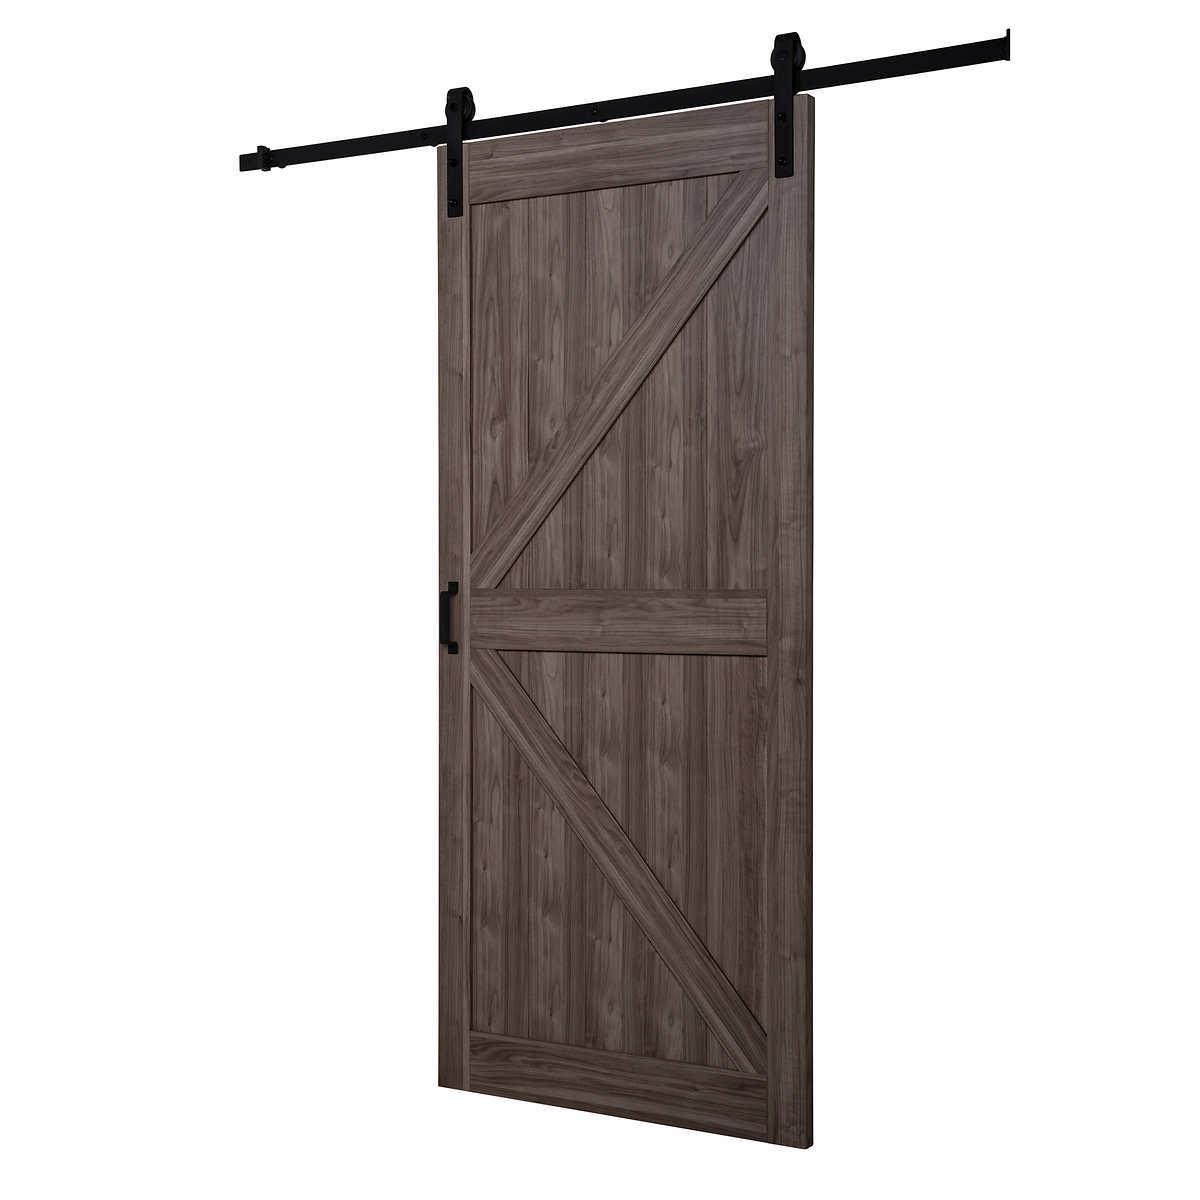 Renin Barn Style K Door